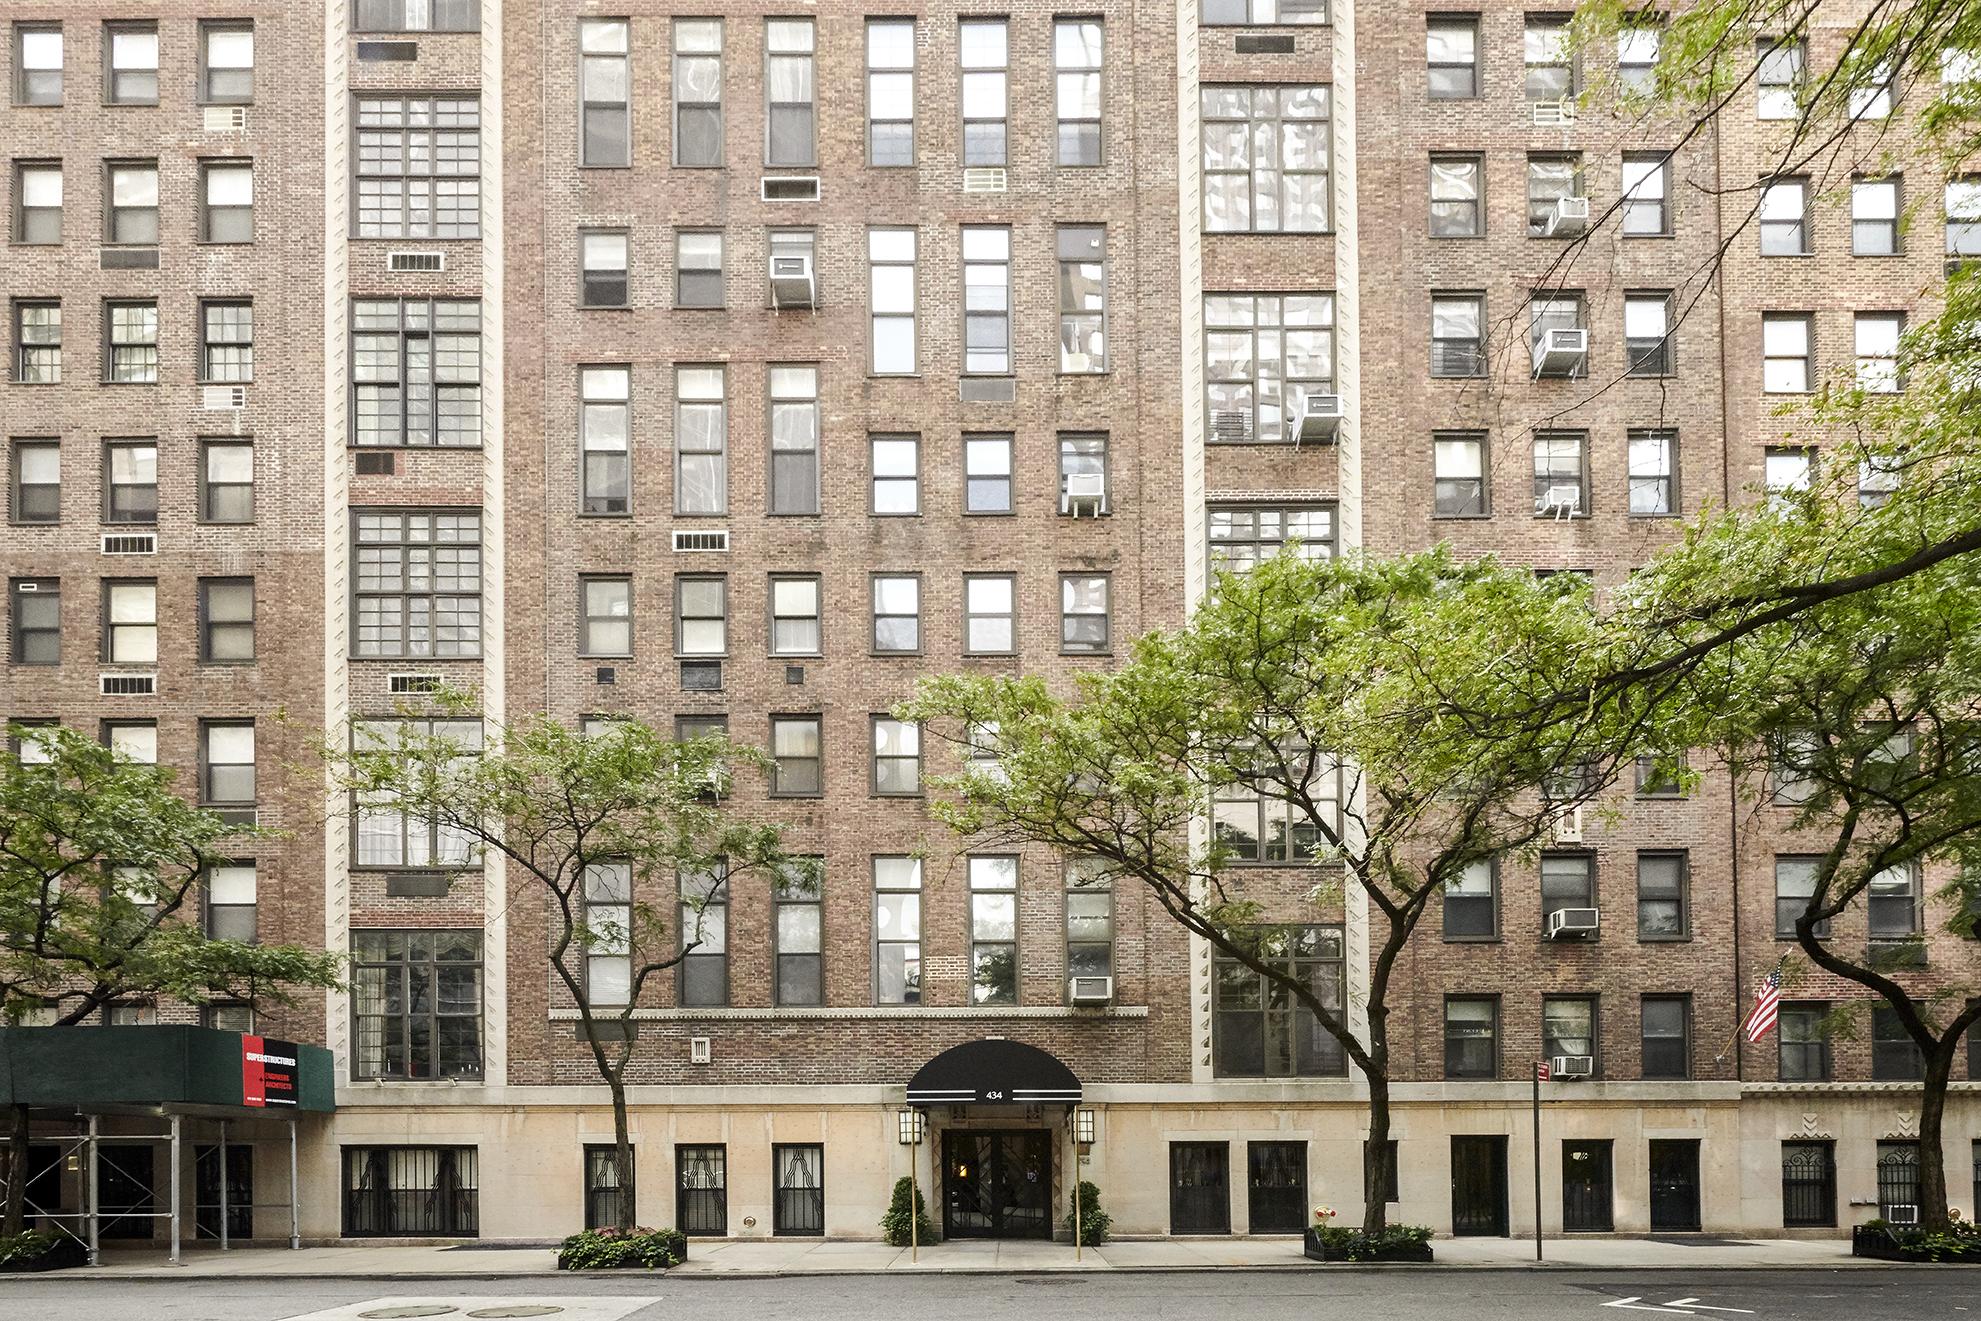 John Lennon S Former Lost Weekend Penthouse In Manhattan Asks 5 5m 6sqft